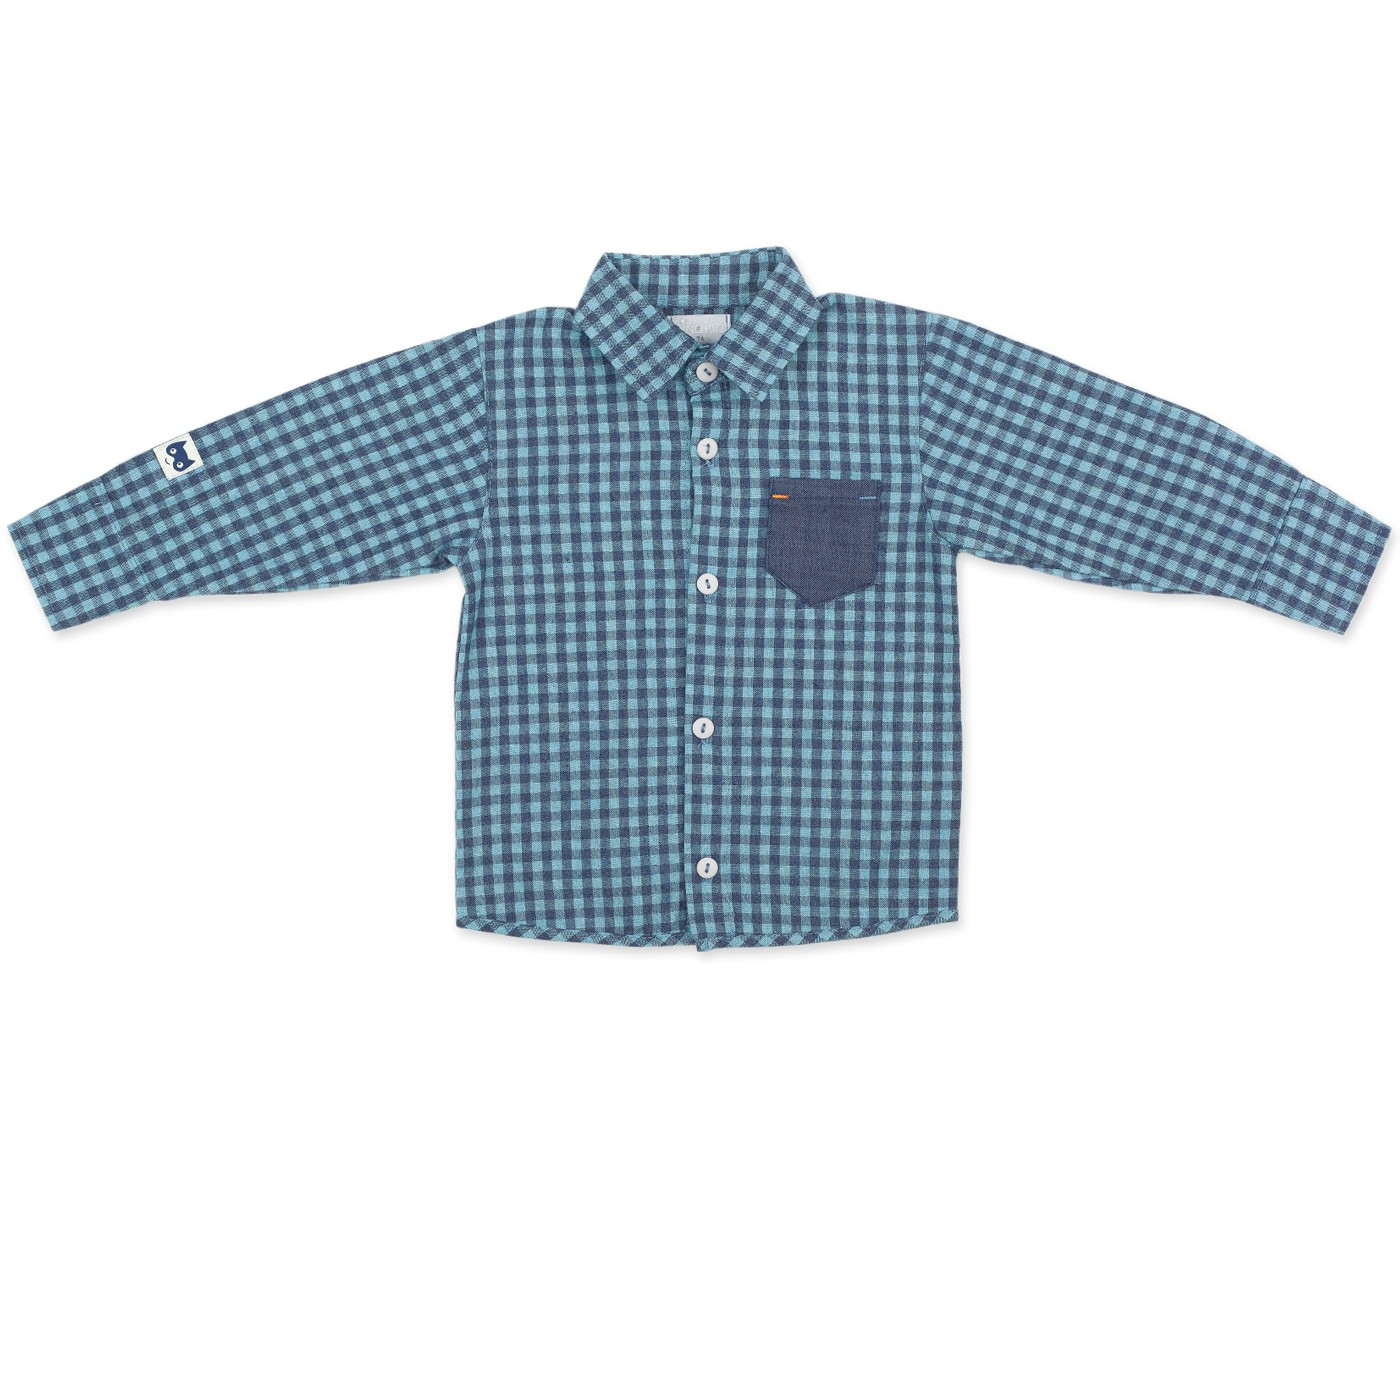 Koszula chłopięca z długim rękawem Garcon Pinokio 74